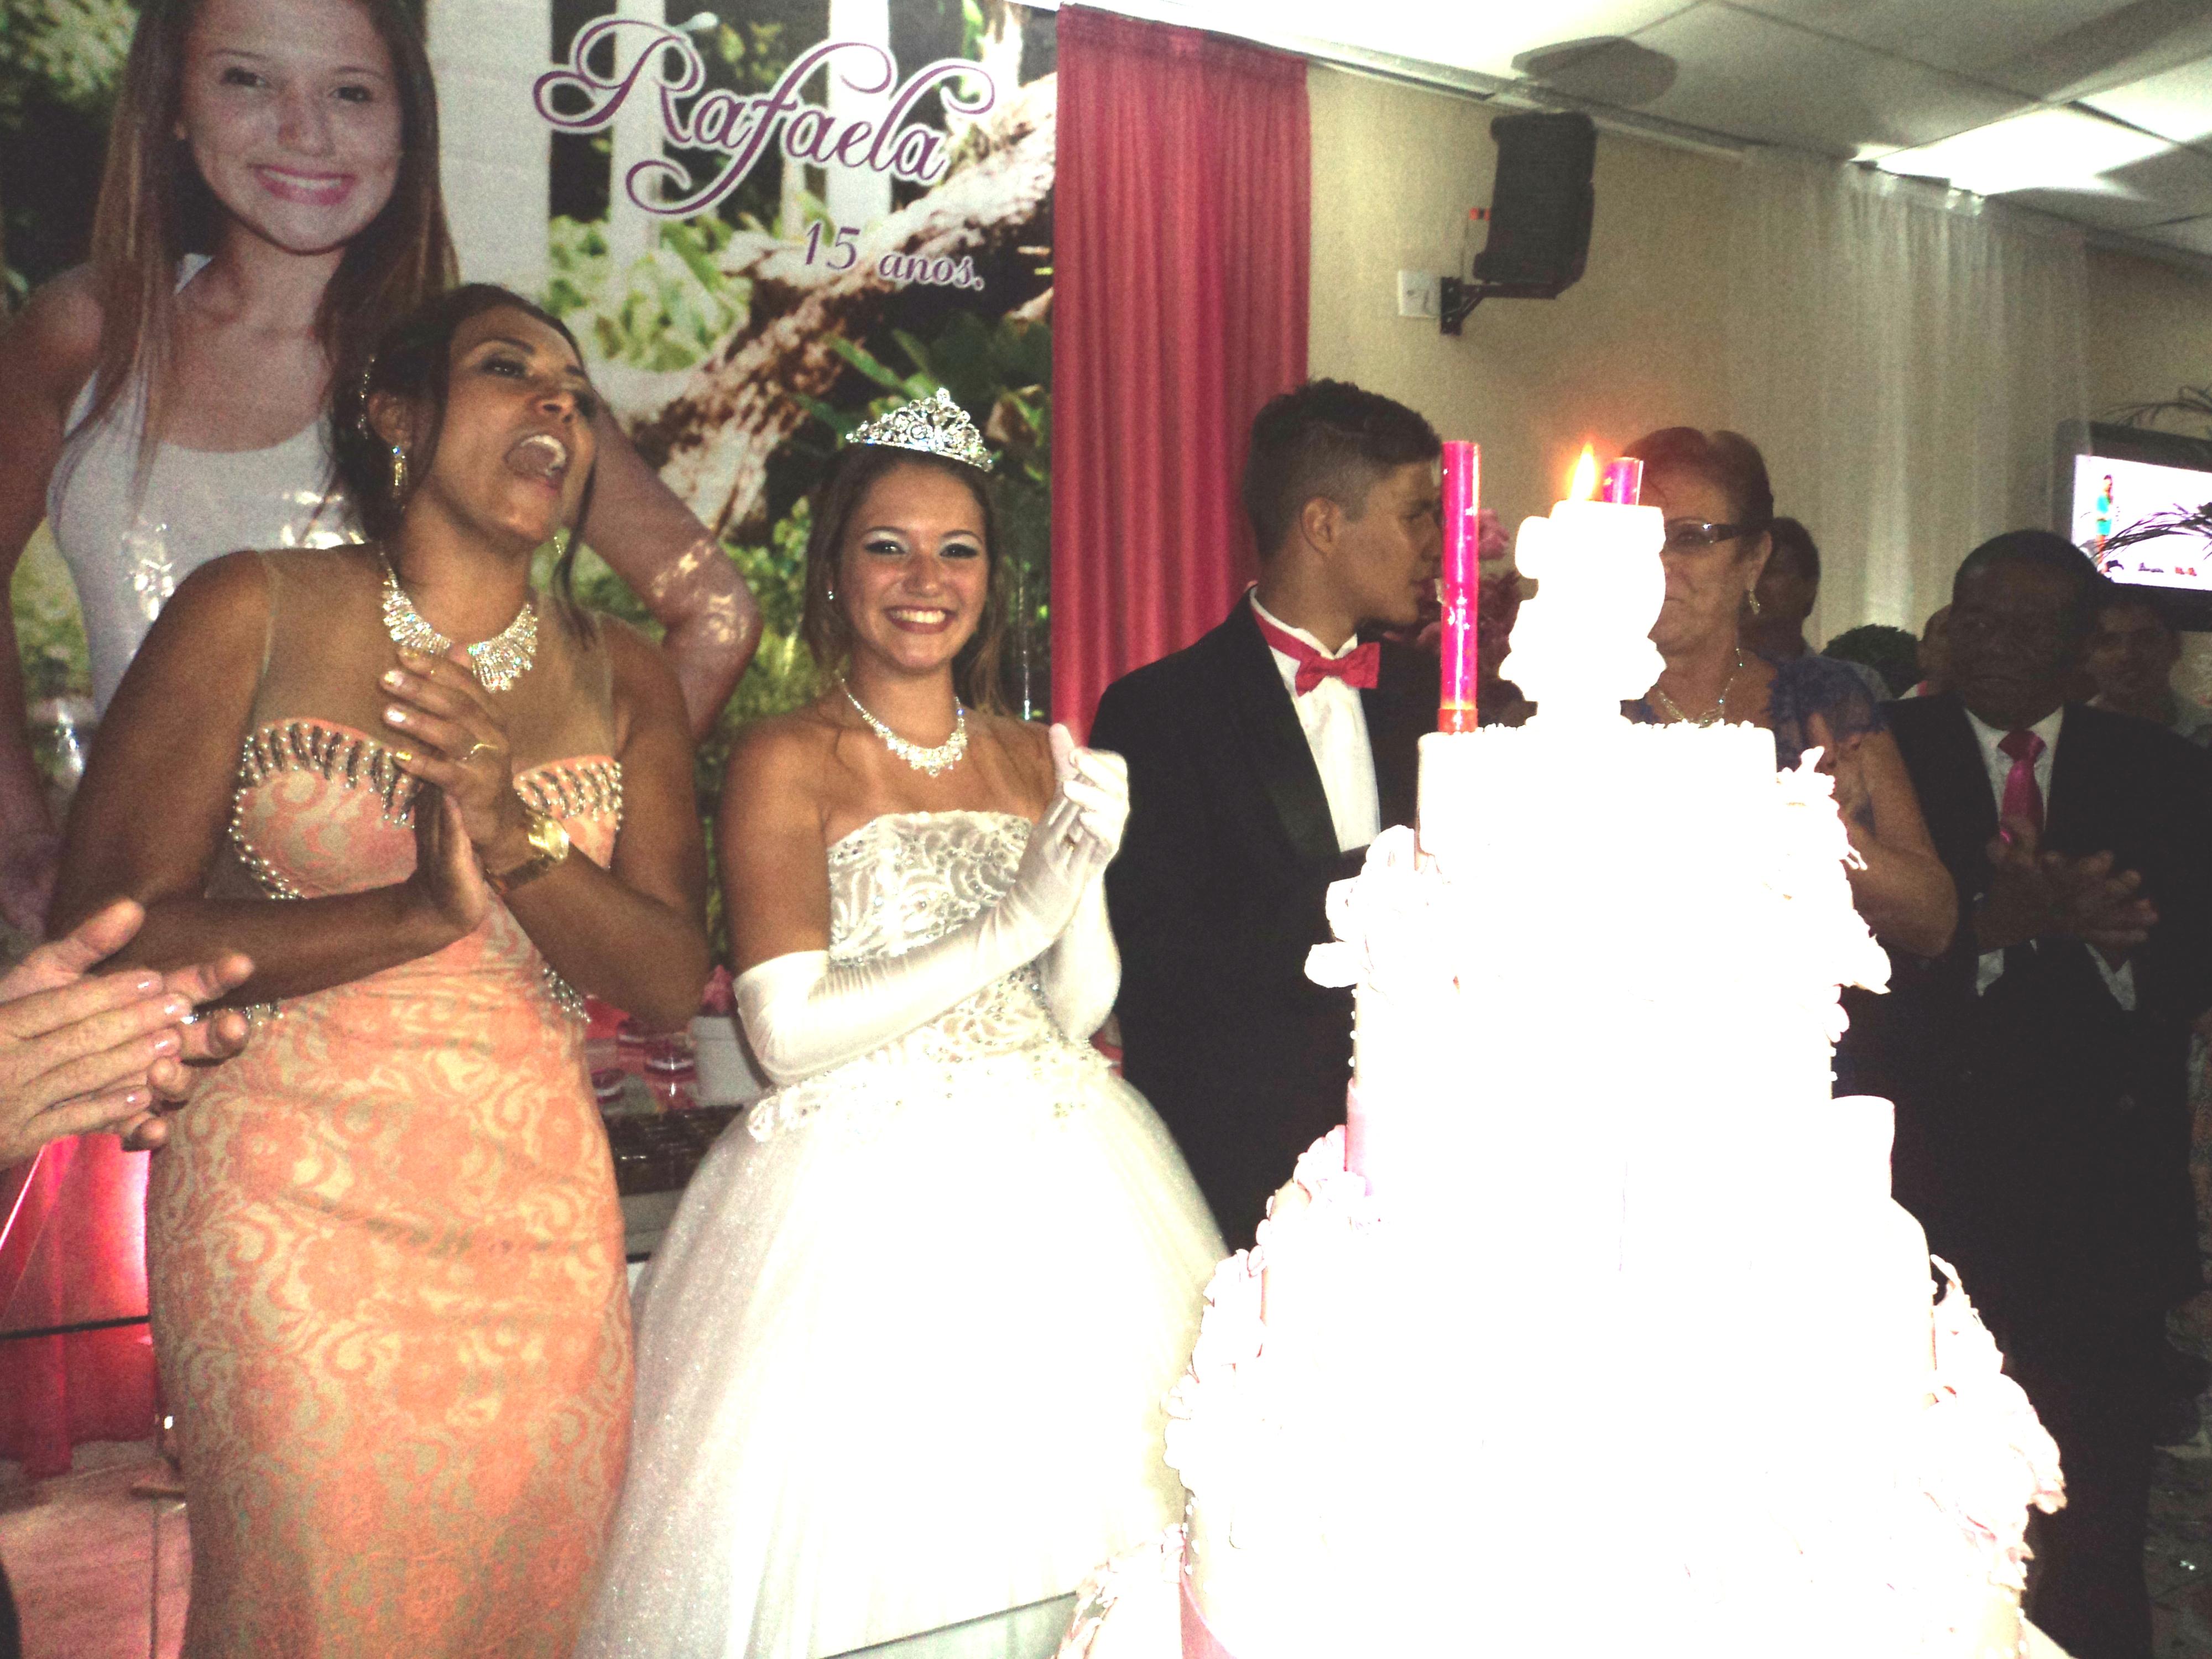 """Rafaela, na hora do """"parabéns para você"""" na mesa do bolo entre sua mãe e seu """"príncipe""""."""